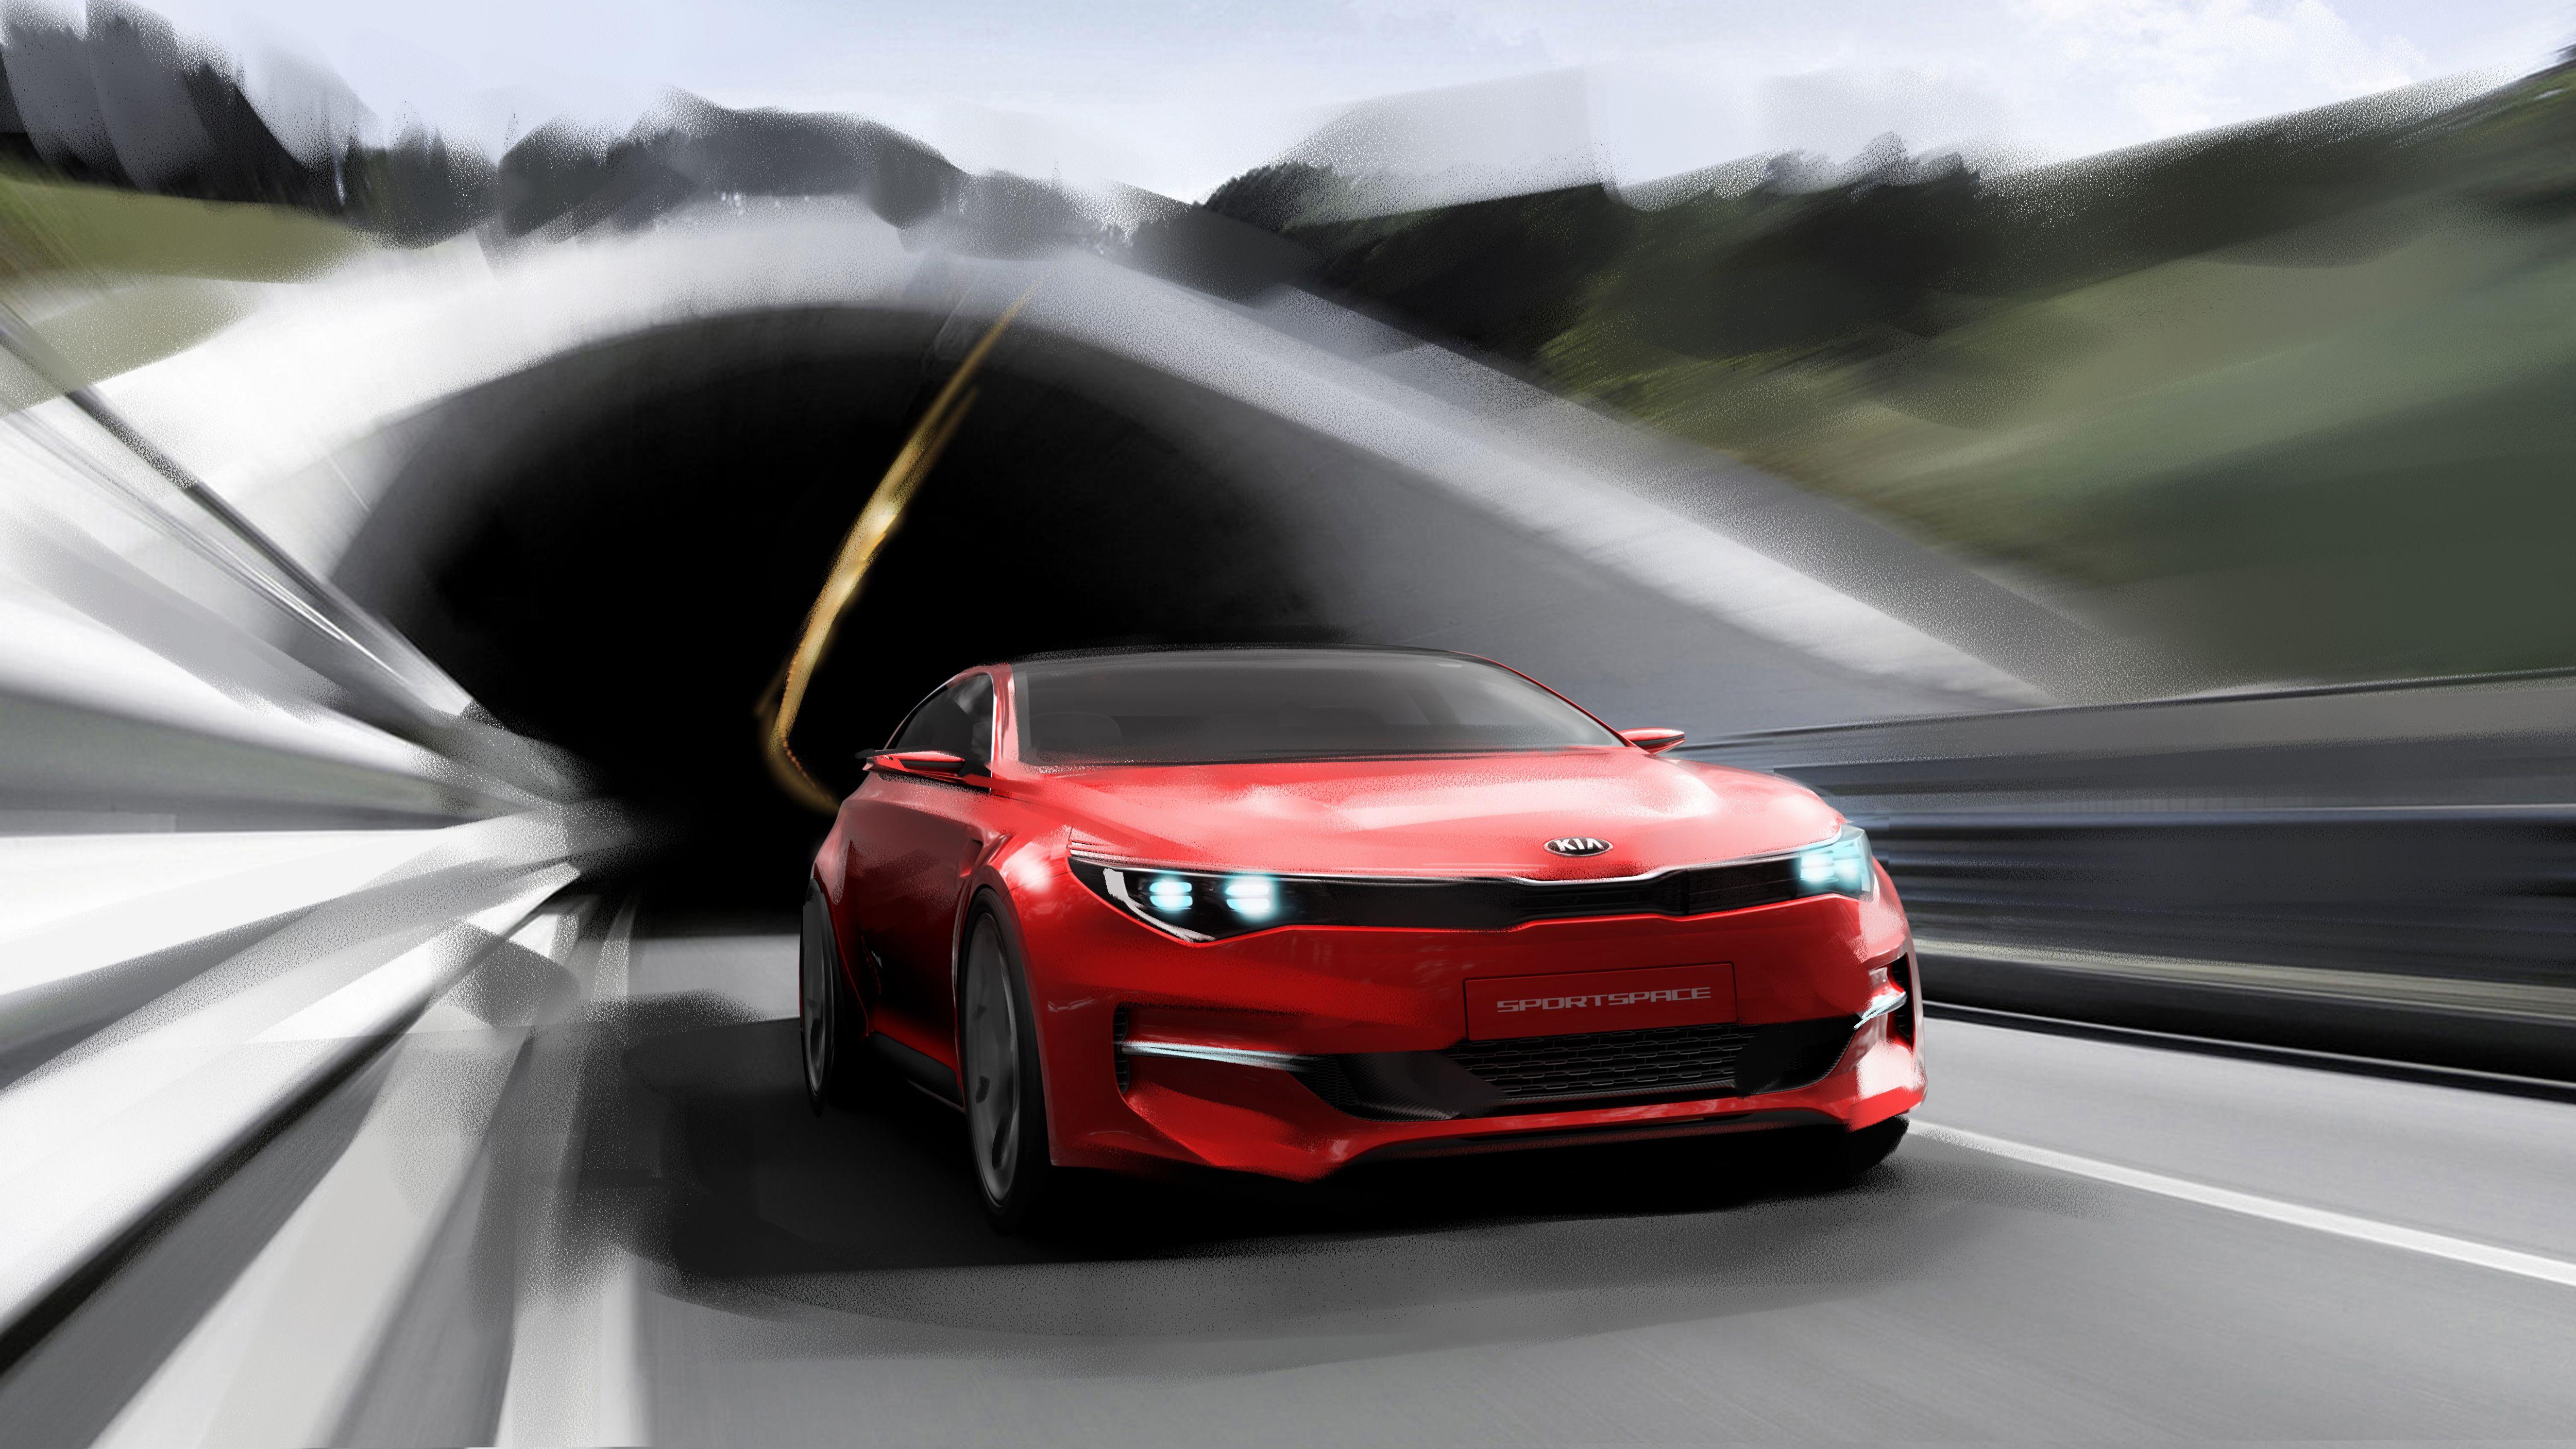 photo news roundup america autos car credit motors com kia robcalem tech ces